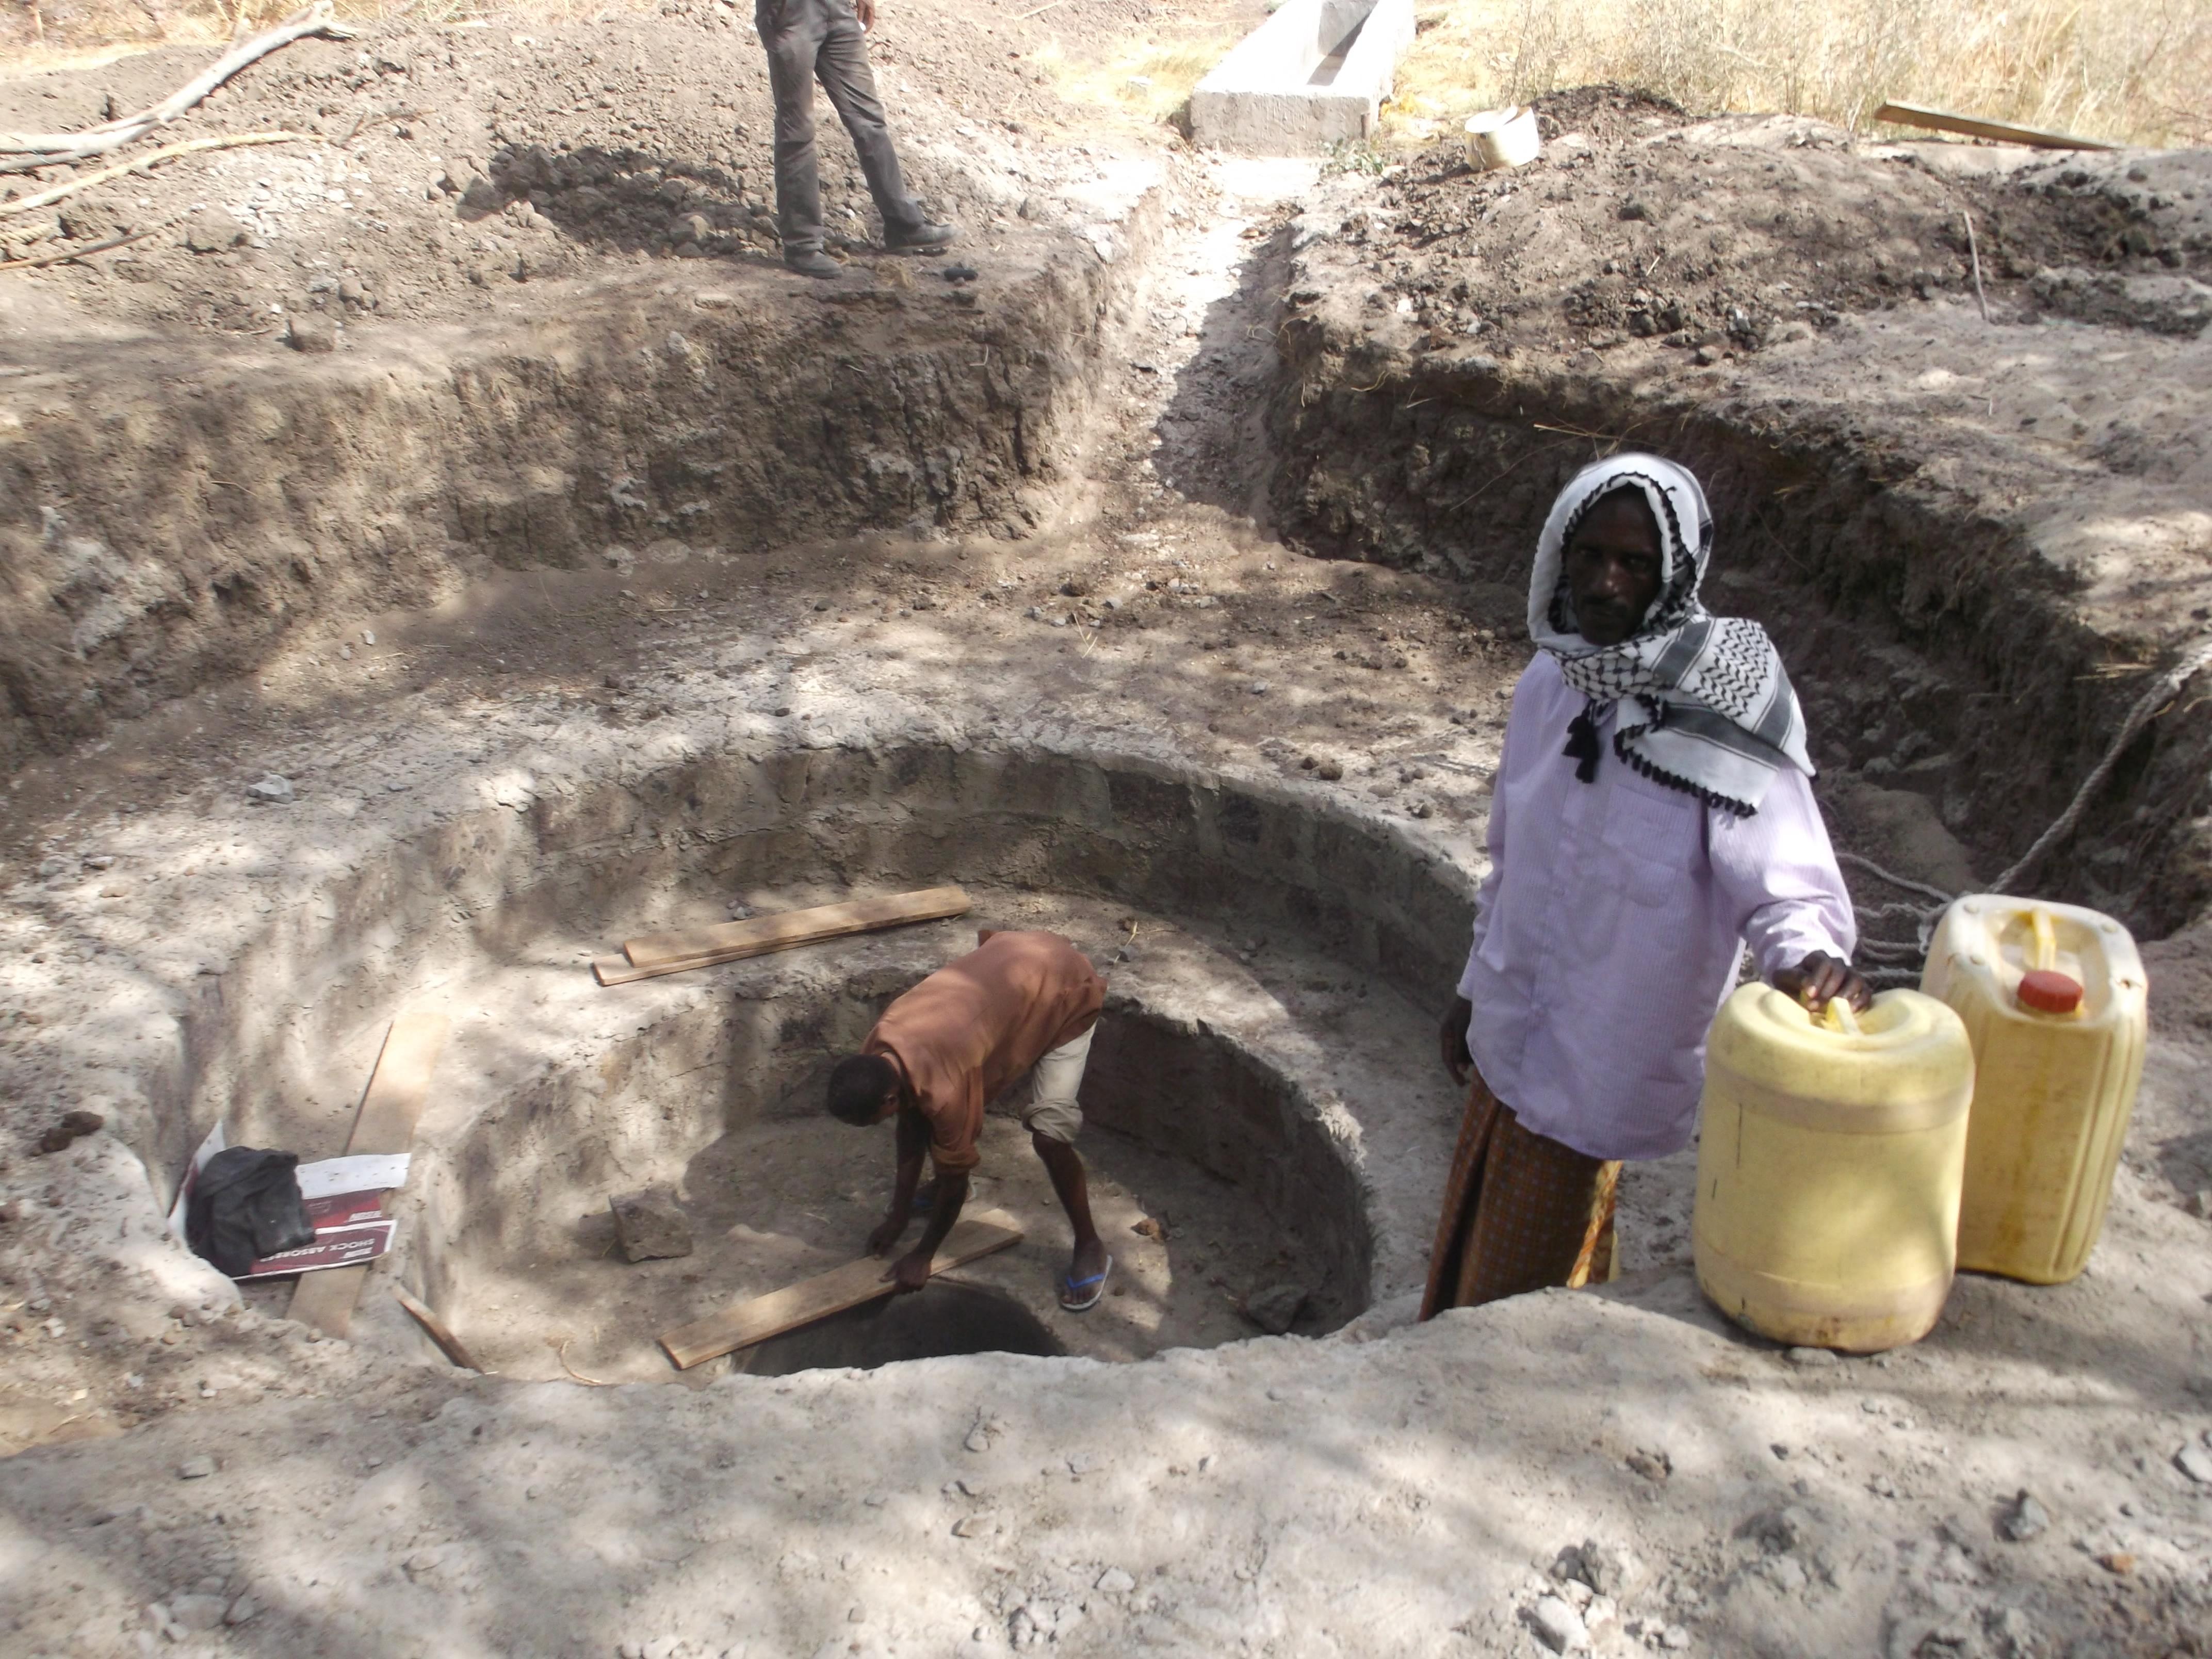 Hawaye_sept 2013 cattle trough